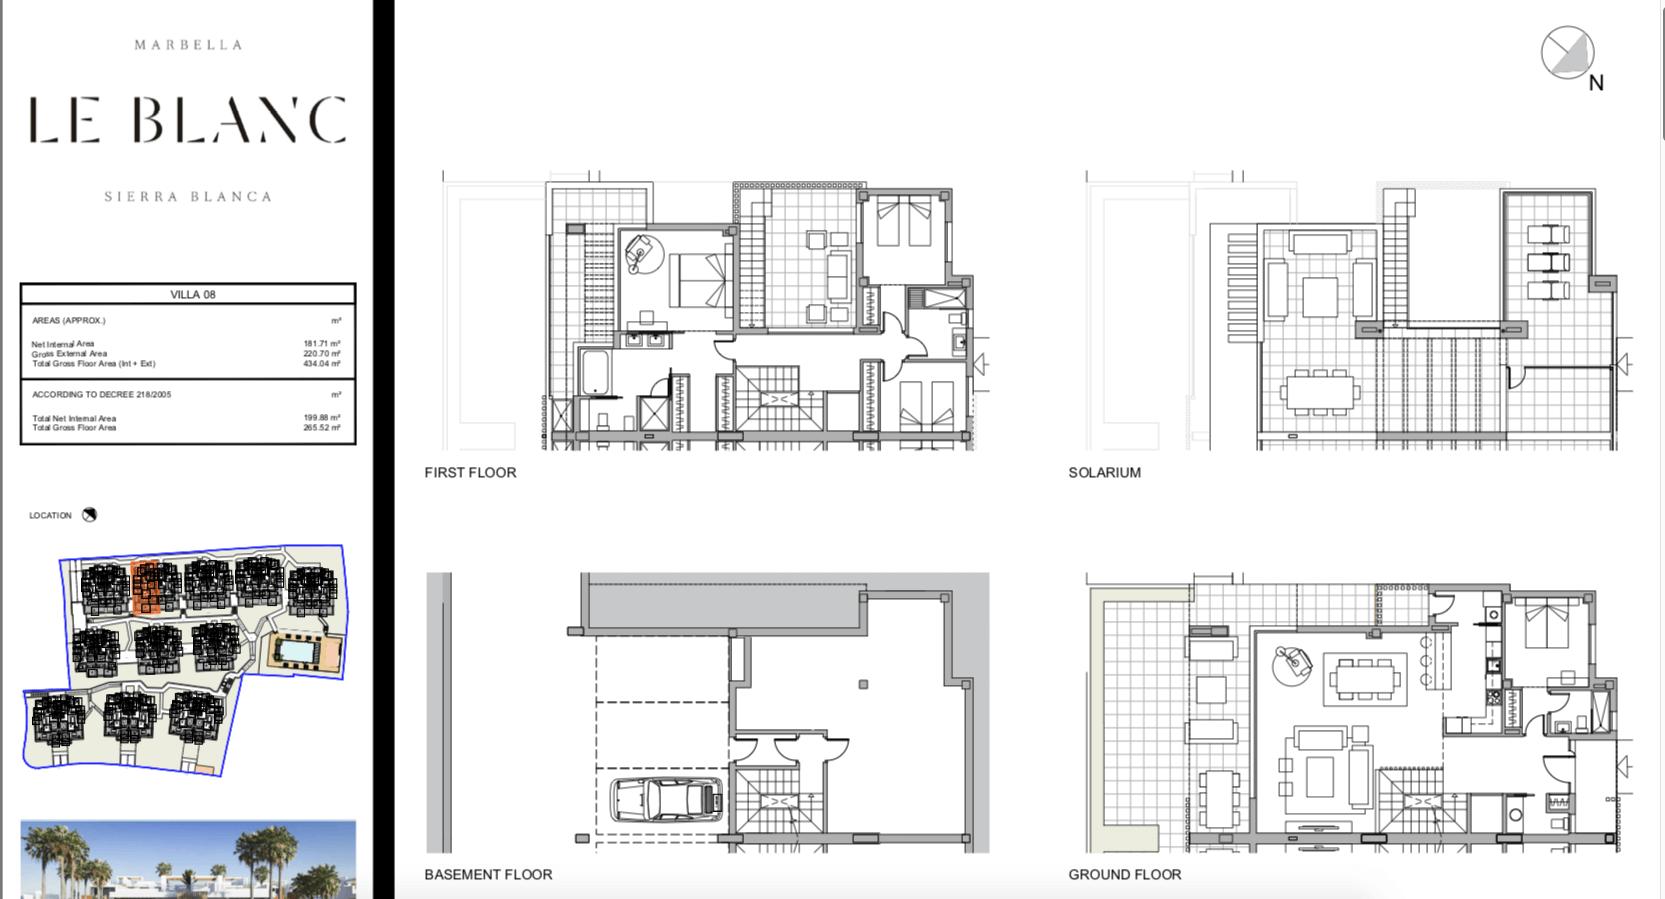 le blanc marbella sierra blanca exclusief spanje design villa te koop luxe grondplan